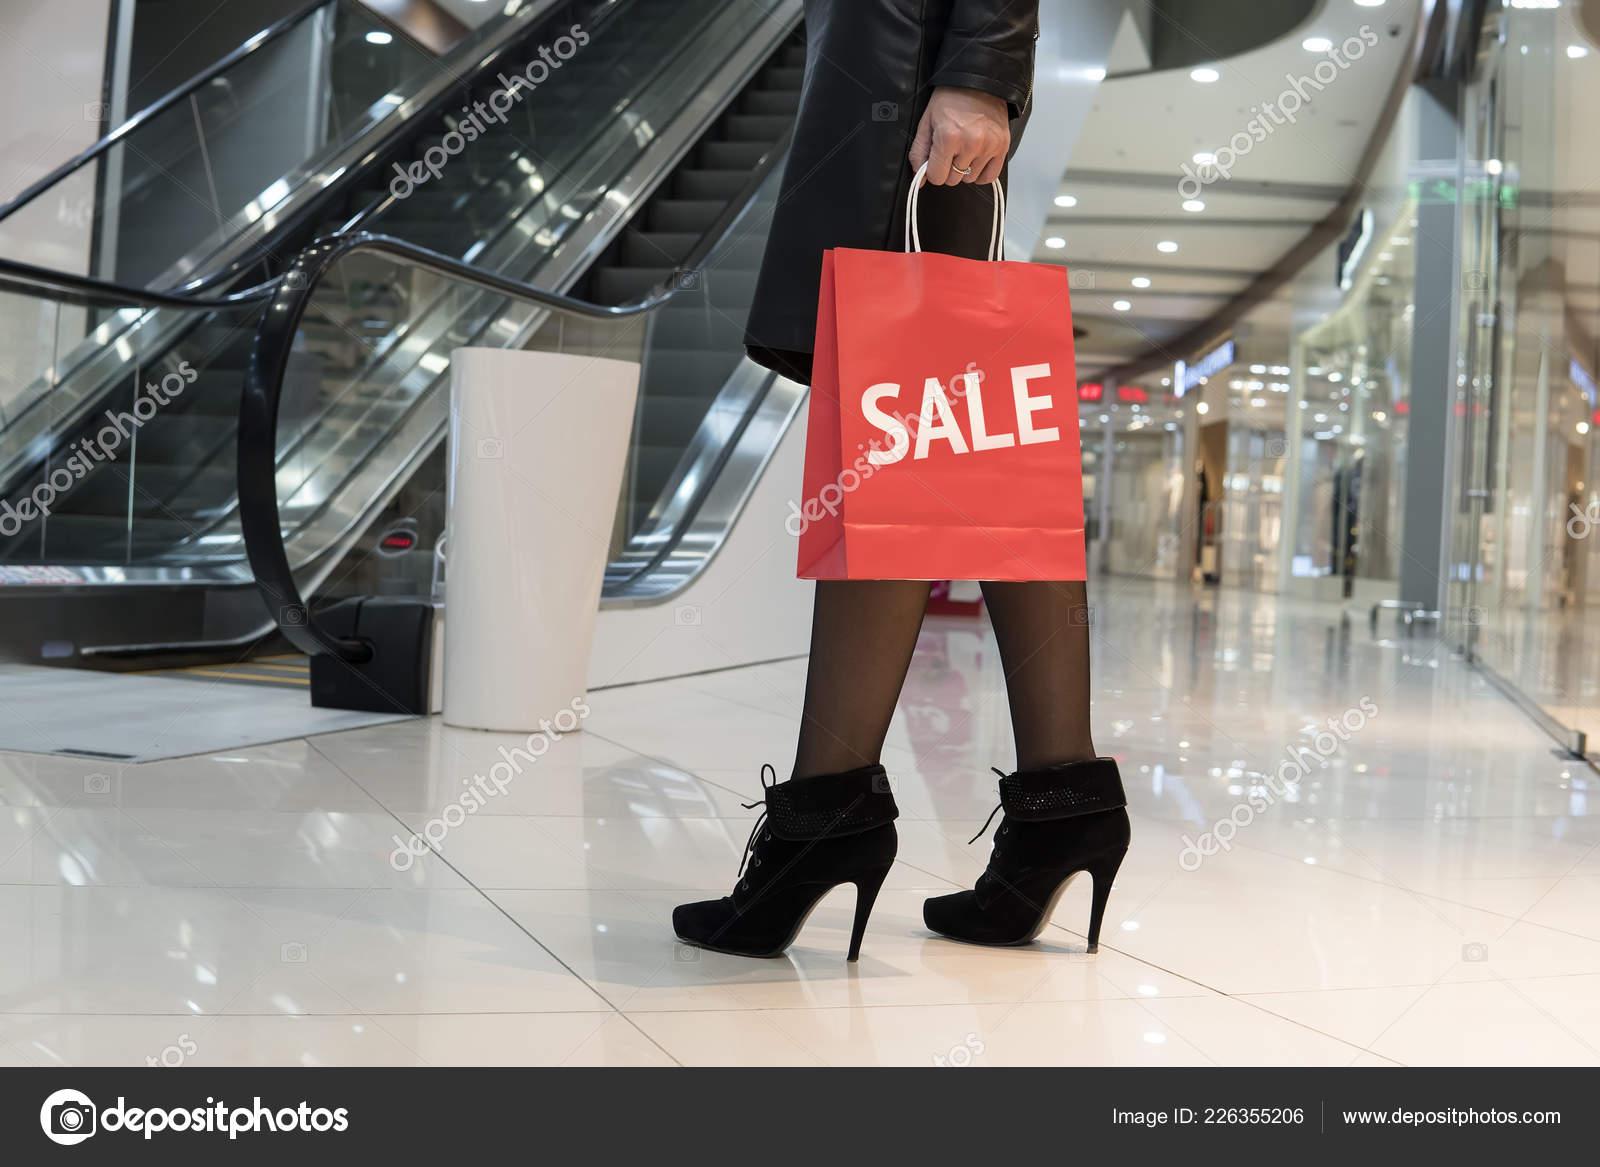 73b7c1e5c Menina na moda elegante jovem vai a uma loja de roupas grande com sacolas  de compras. A venda de inscrição no saco vermelho. Compras durante as vendas .